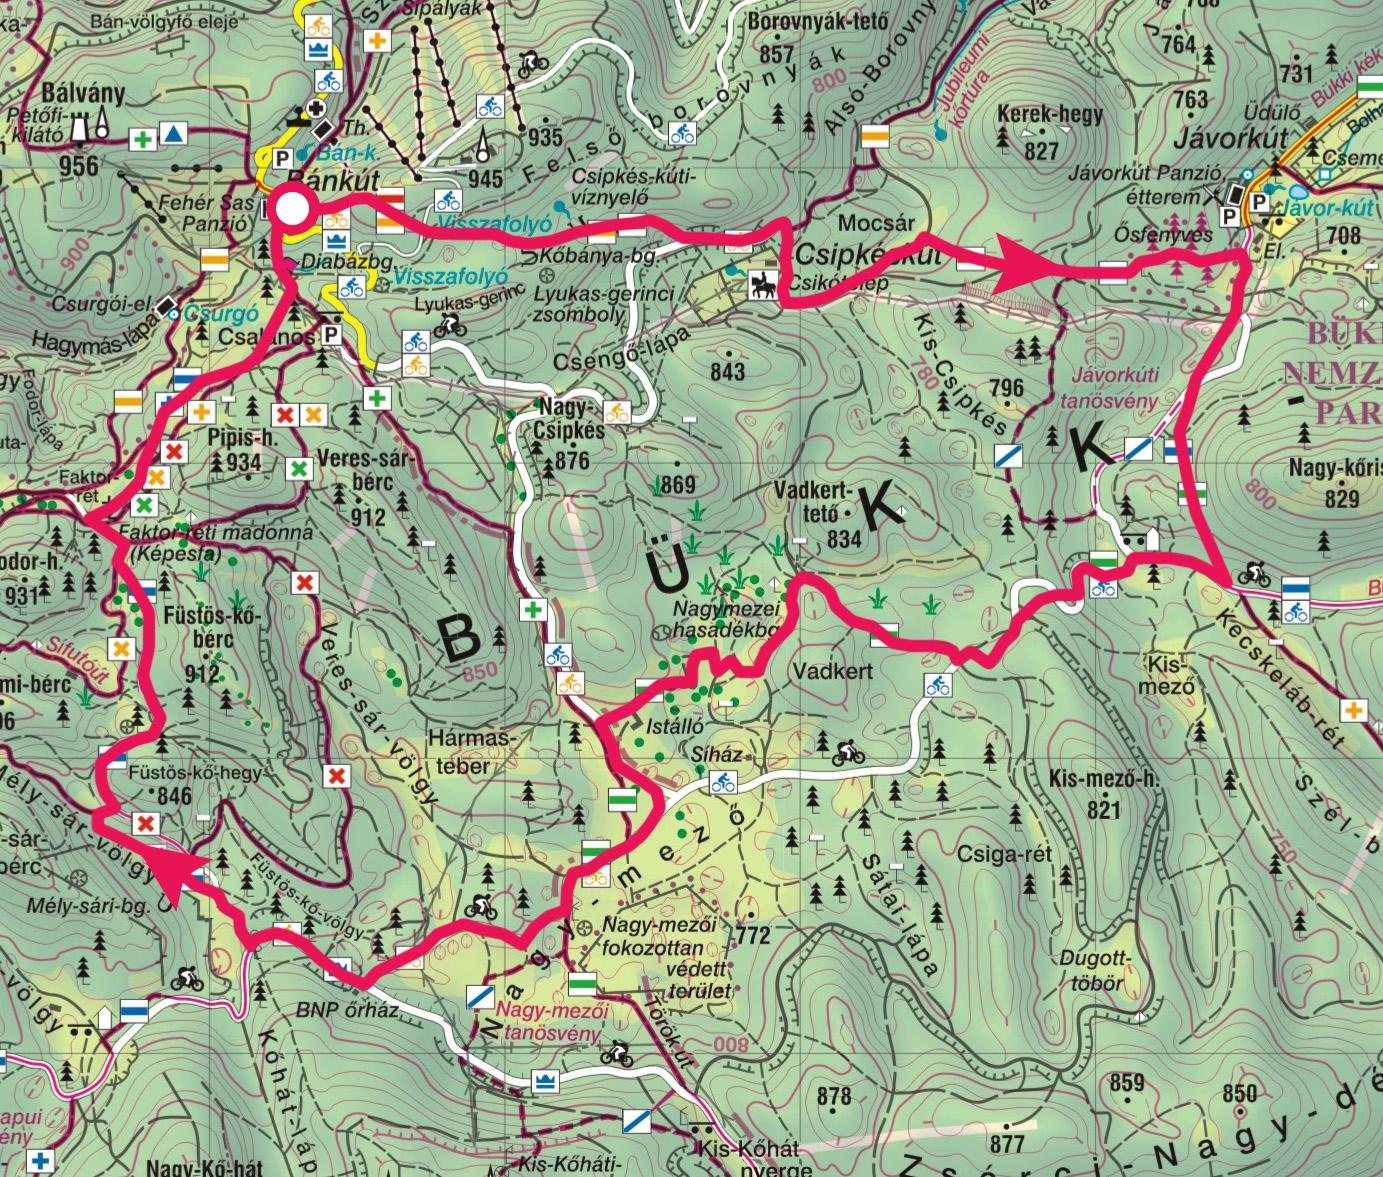 bánkút térkép Bükk fennsík, Bánkút, Jávorkút, Nagy mező » KirándulásTippek bánkút térkép